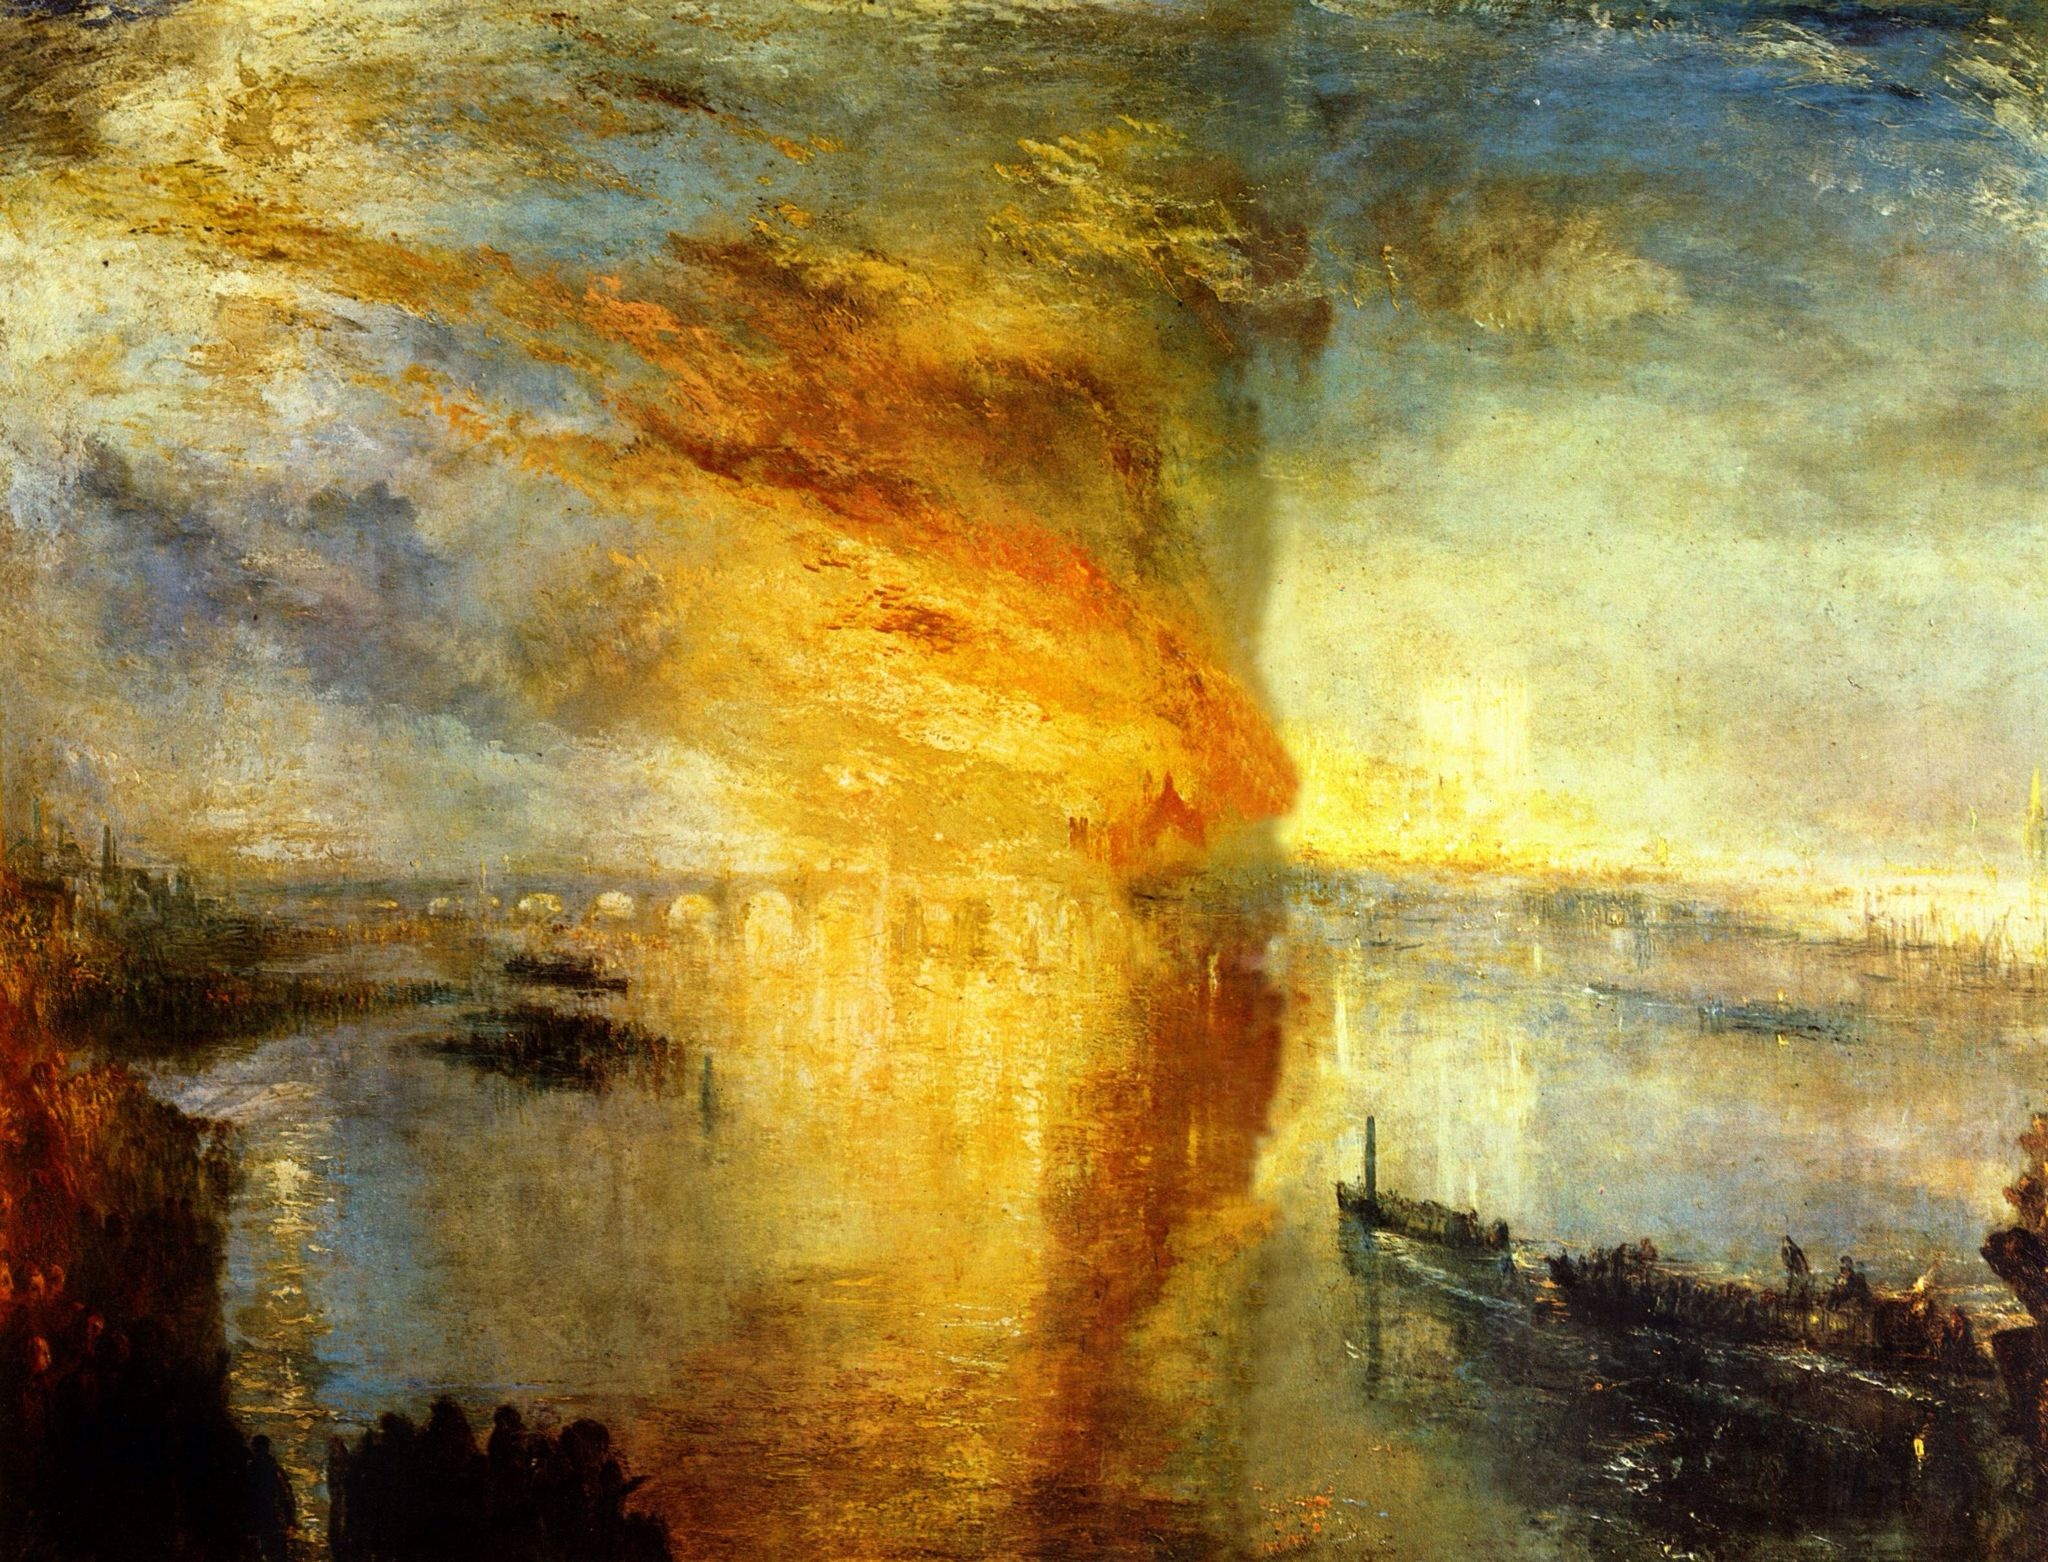 William Turner Ingles 1775 1851 Foi Um Pintor Romantico Ingles